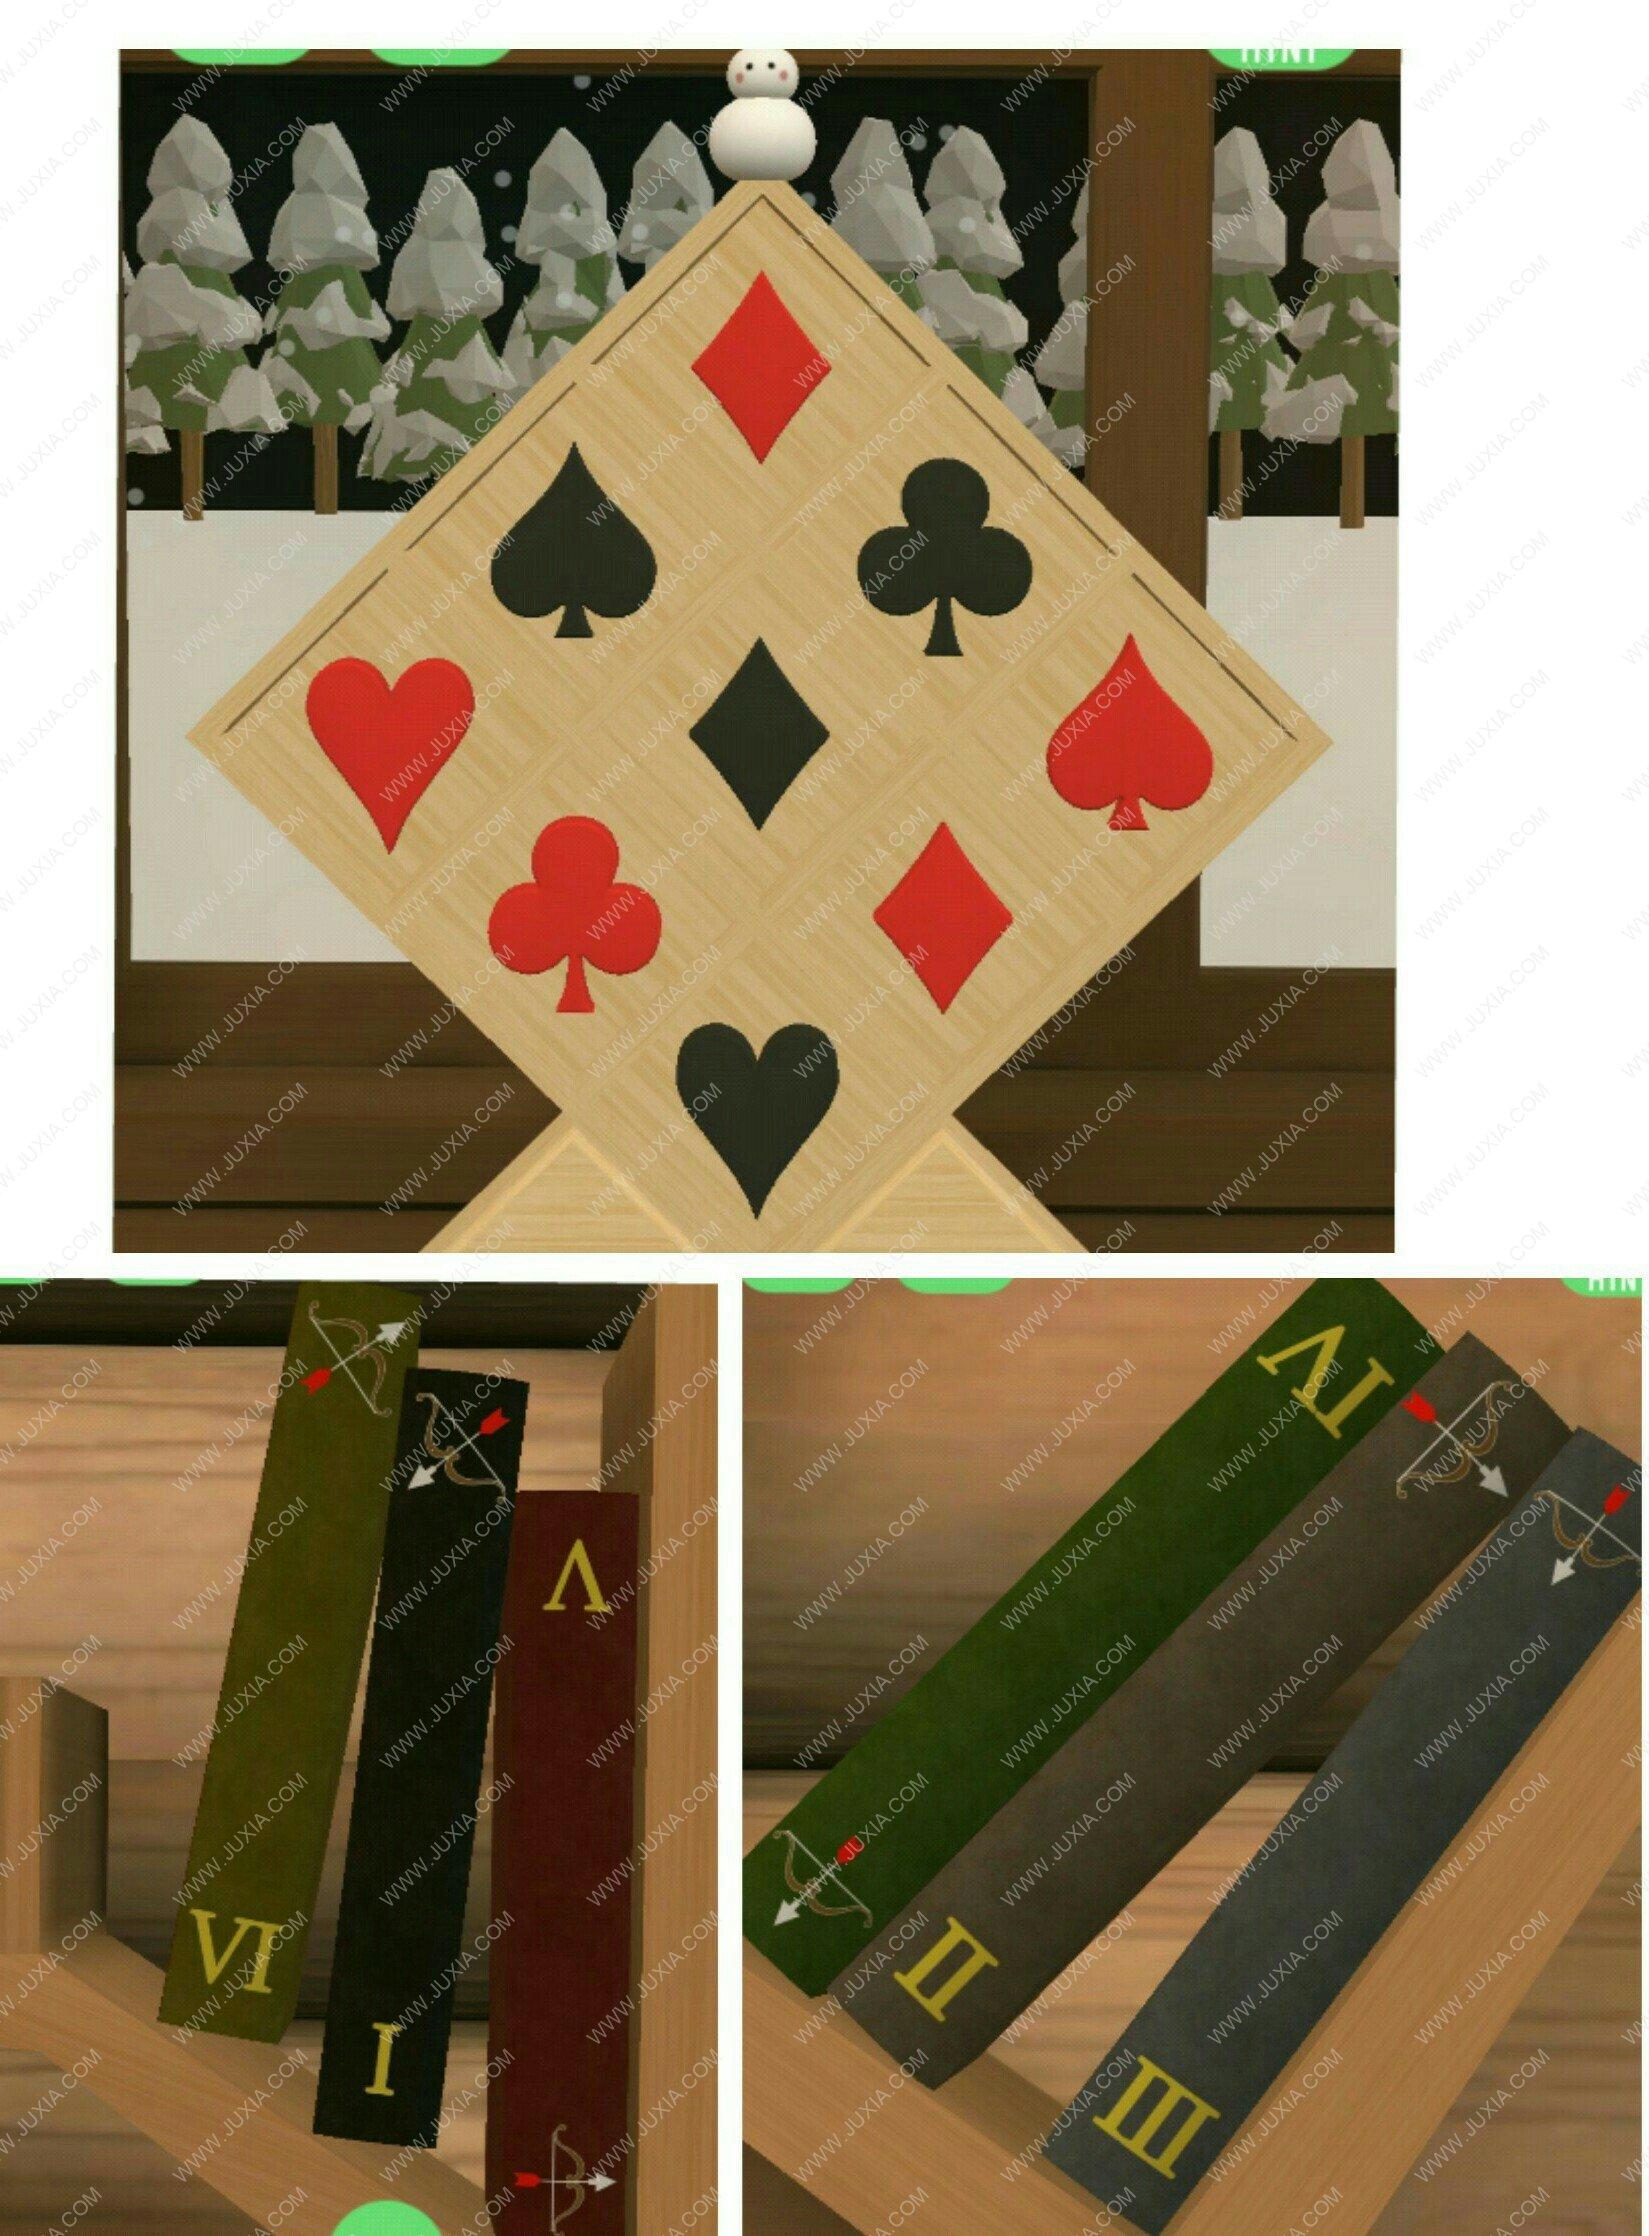 房间逃生小屋和矮人攻略图文 EscapeGameLodgesDwarfs游戏攻略全关卡-迷失攻略组